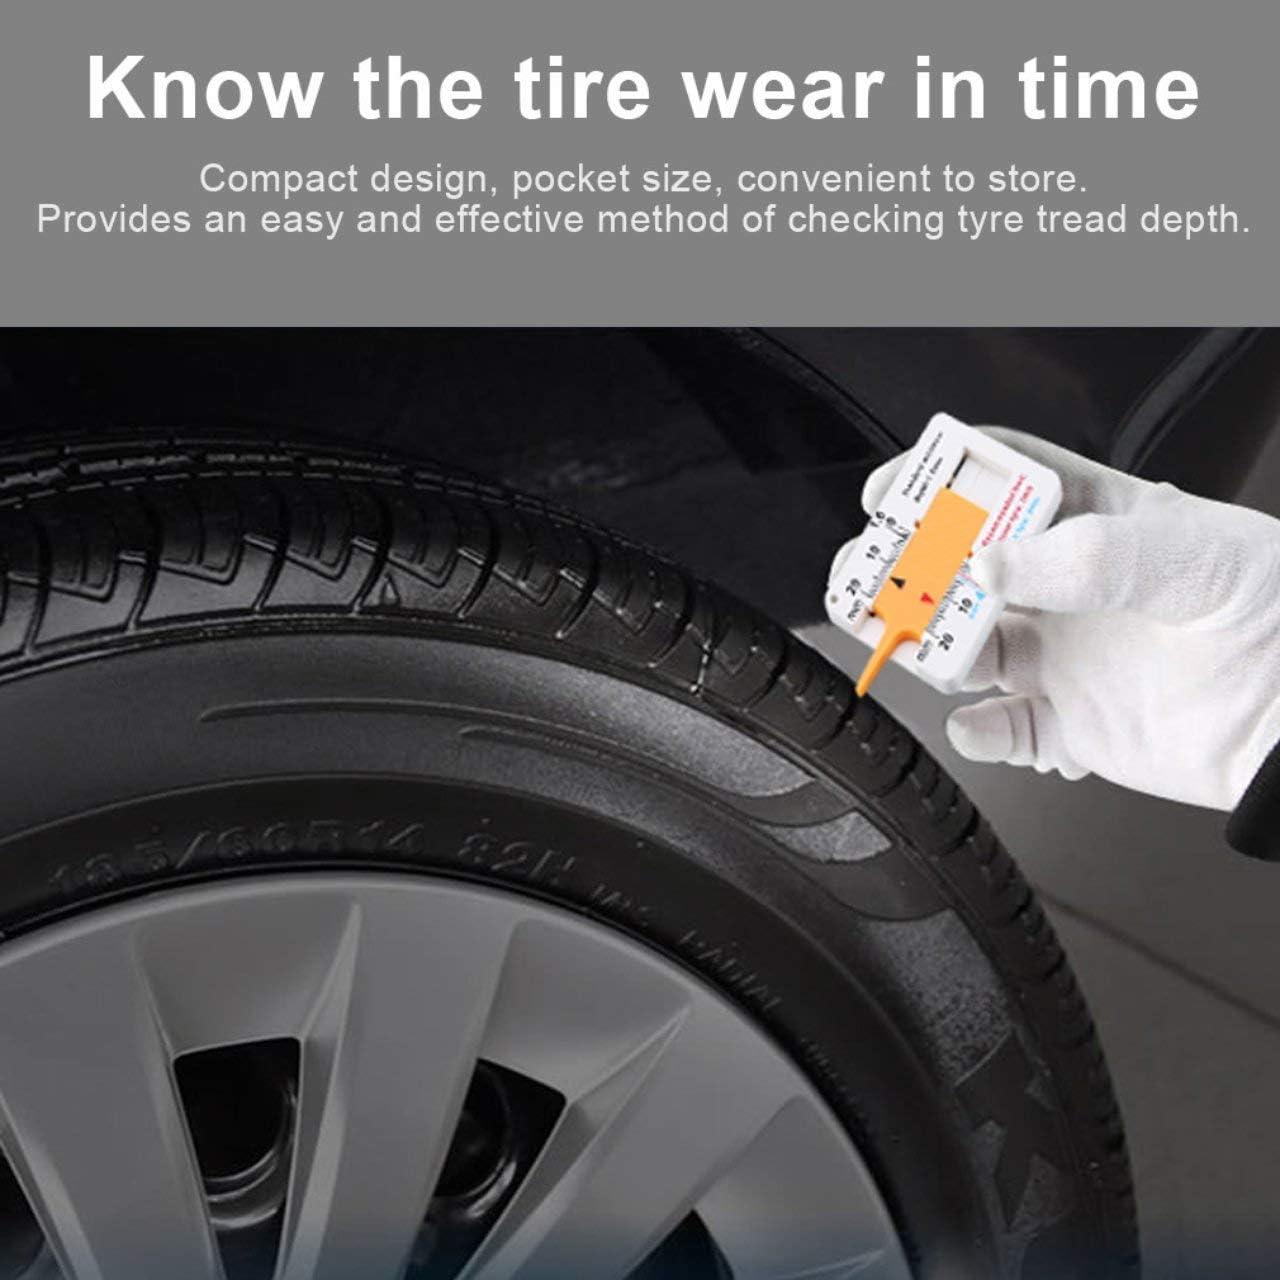 Easyeeasy Tyre Tread Depth Gauge Car Motorcycle Trailer Wheel Measure Tool Depth Caliper